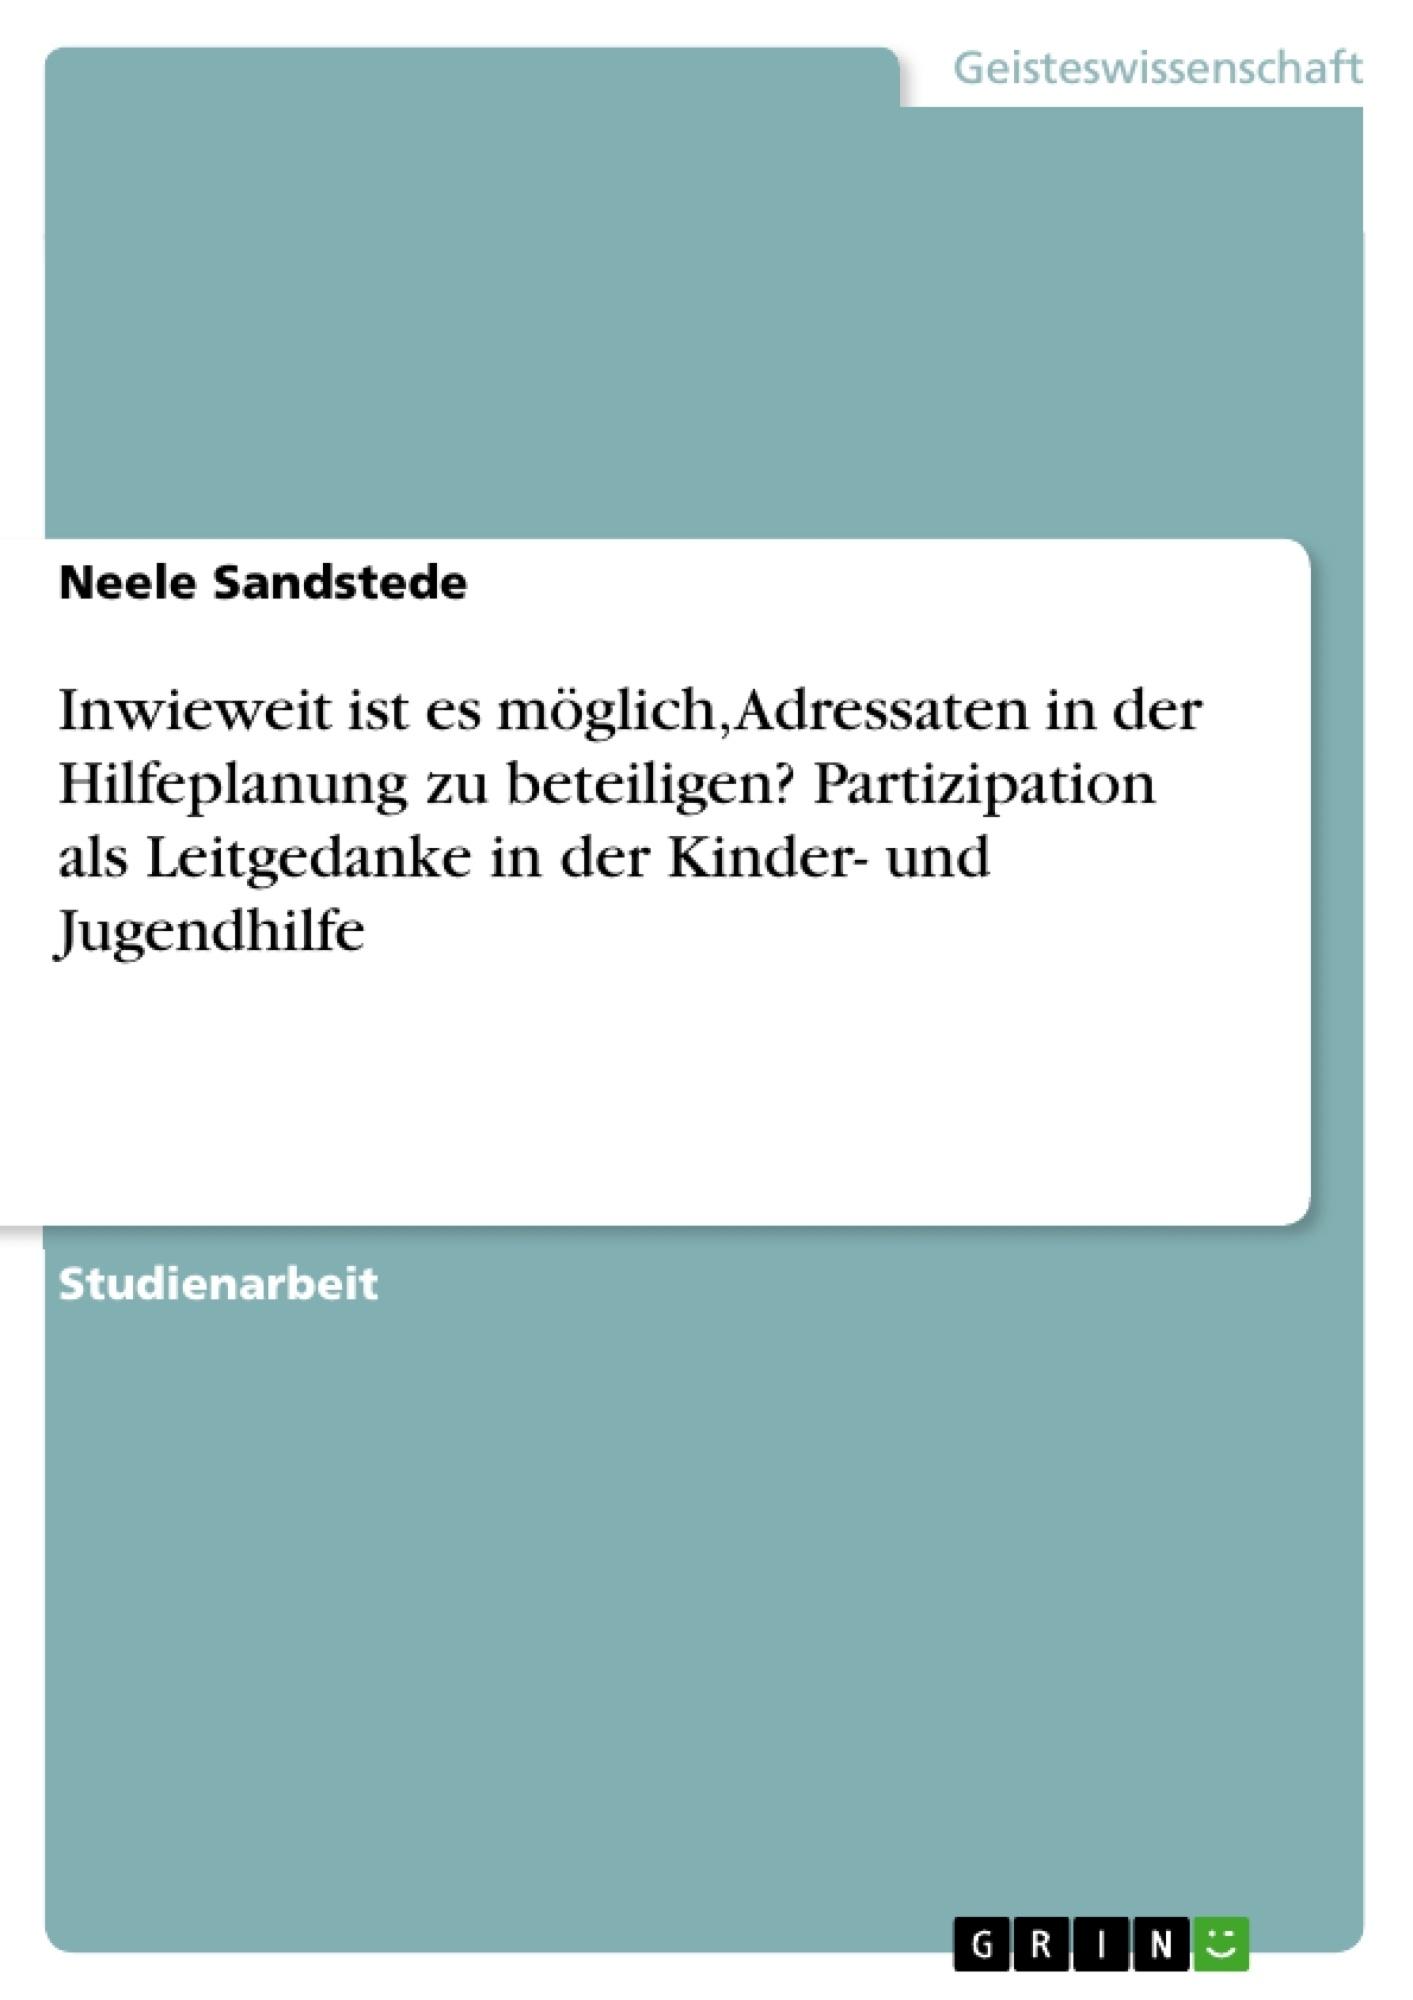 Titel: Inwieweit ist es möglich, Adressaten in der Hilfeplanung zu beteiligen? Partizipation als Leitgedanke in der Kinder- und Jugendhilfe